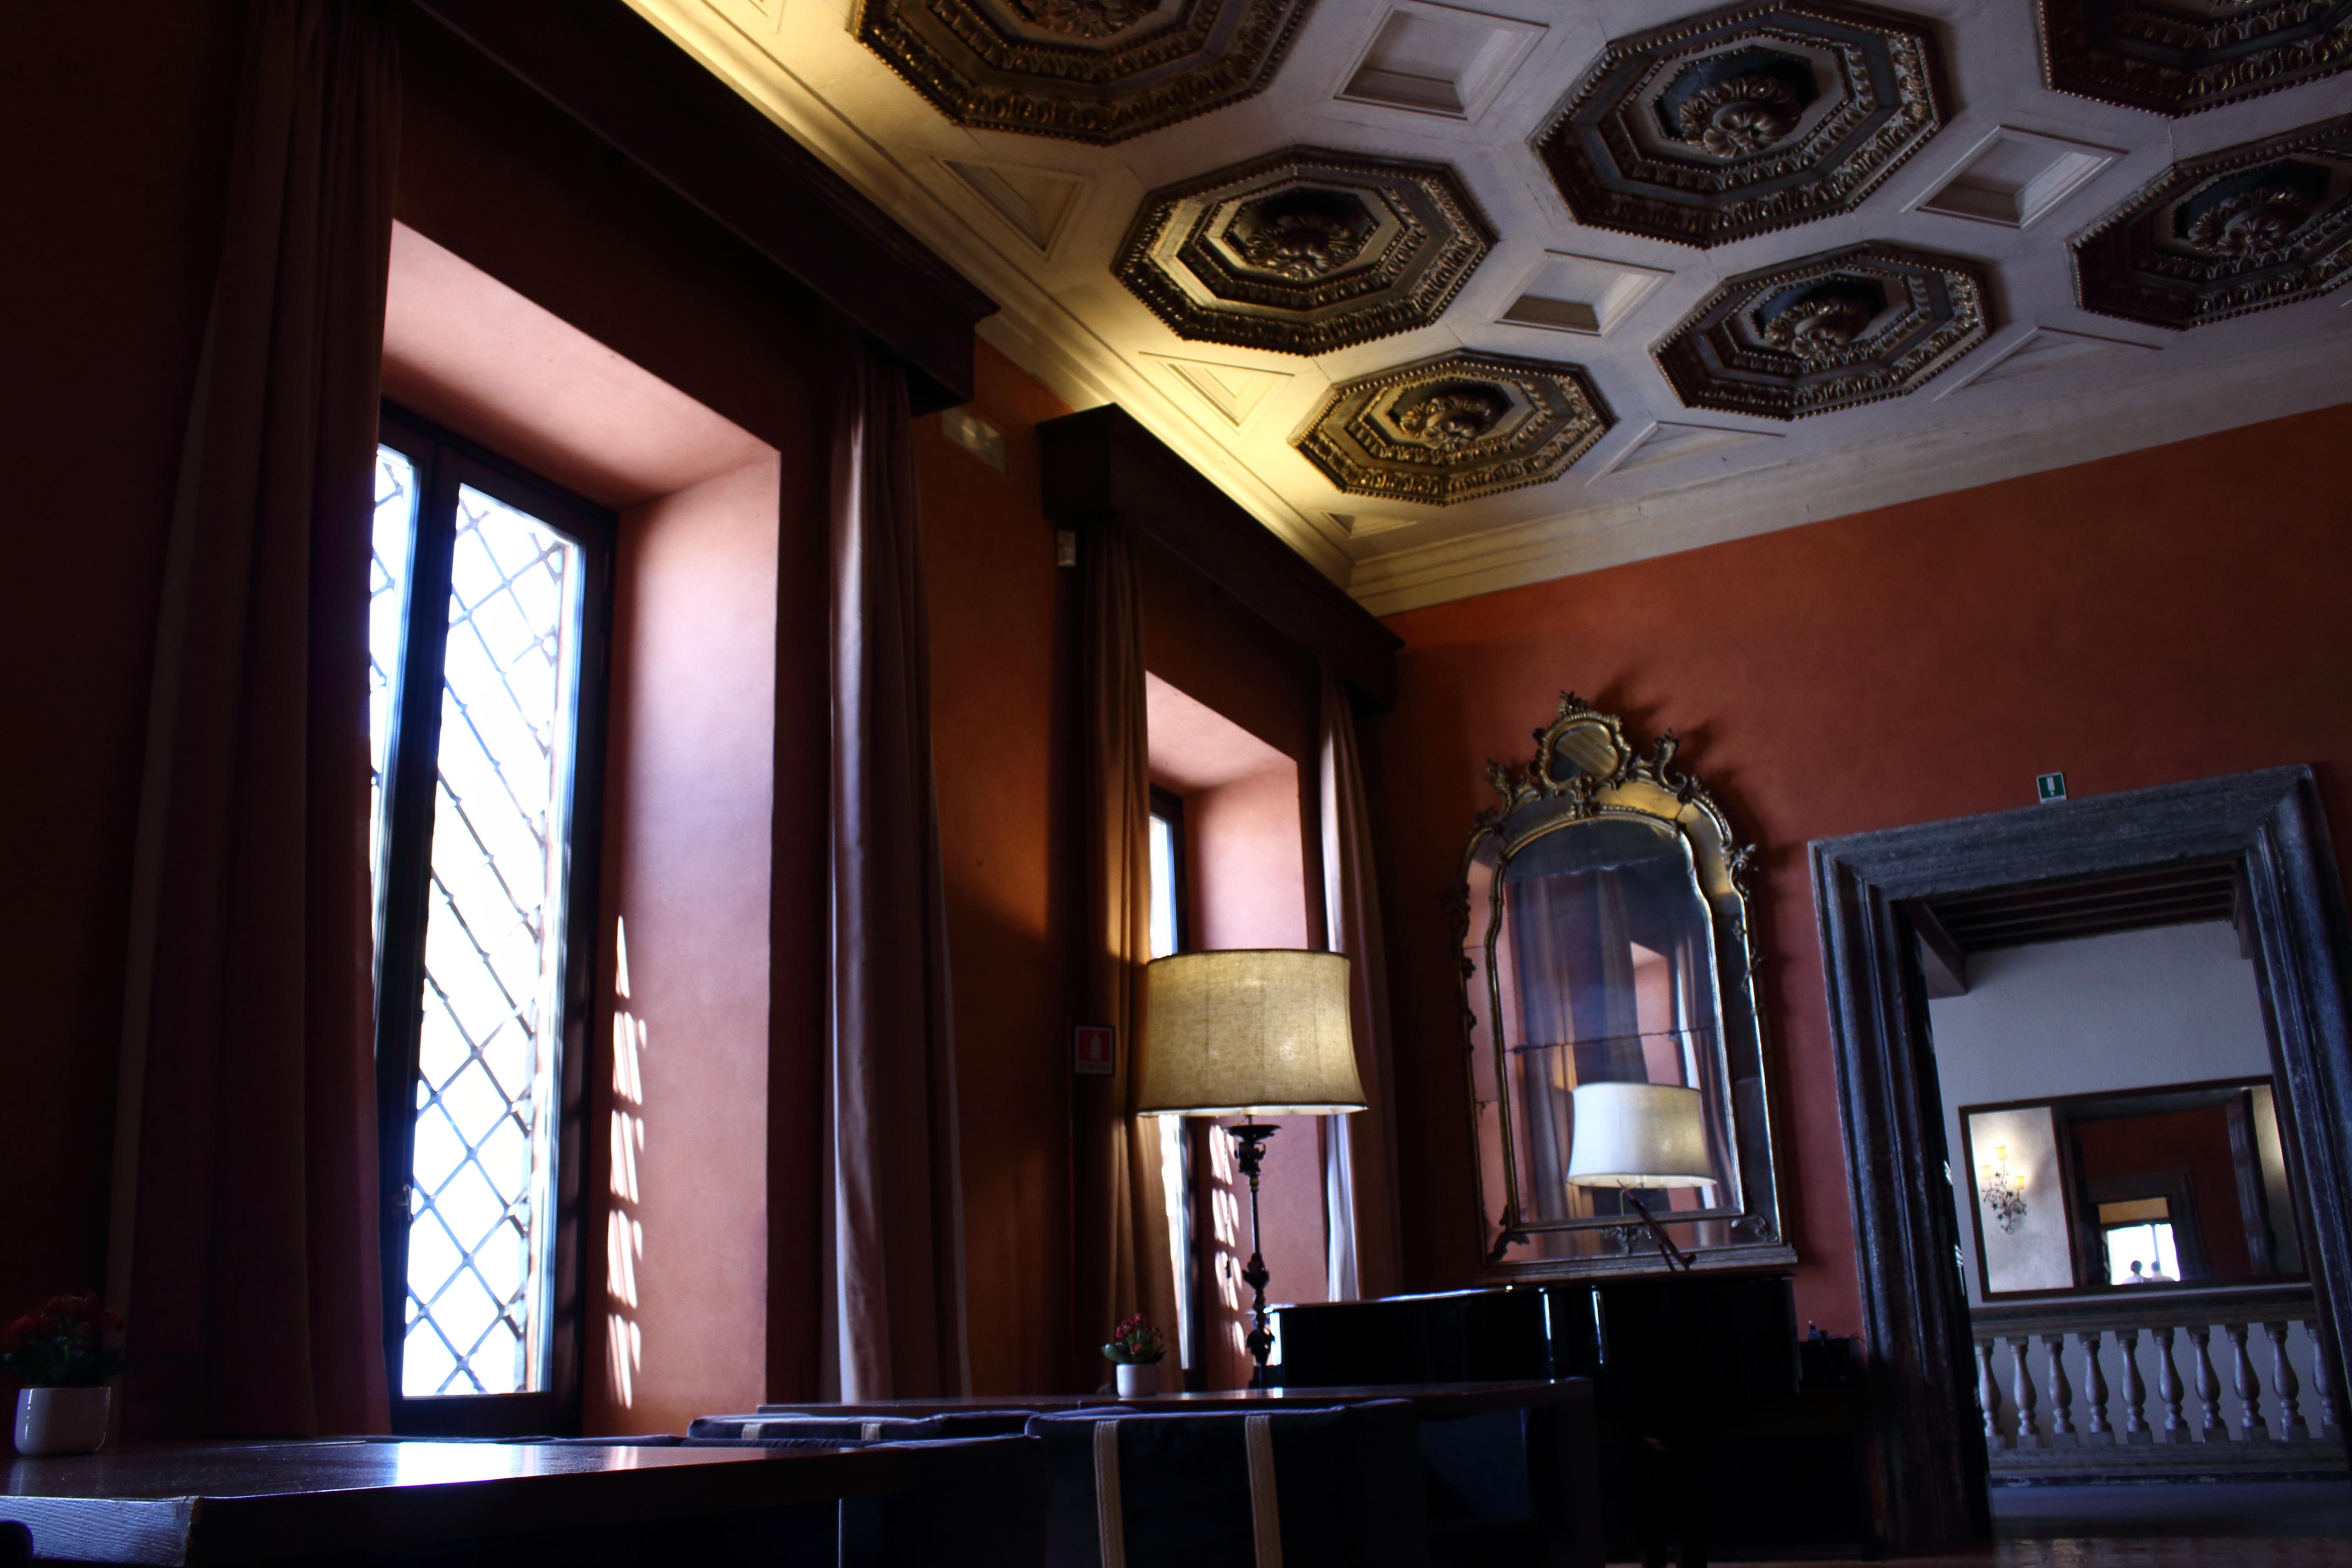 La posta vecchia hotel a palo laziale dulcis - Lenzuola da colorare romane ...